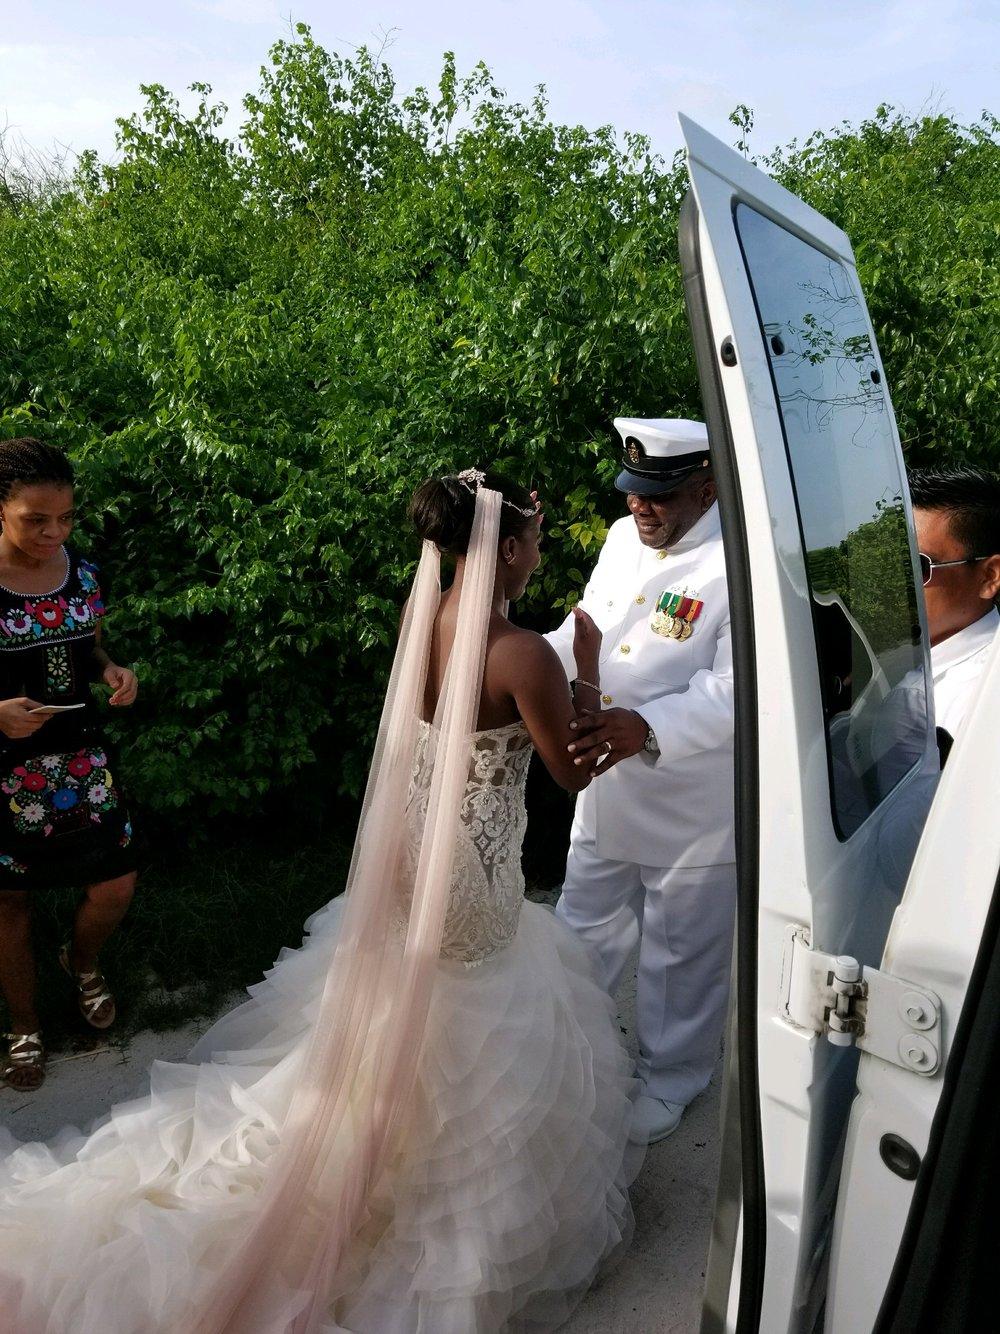 Black Destination Bride - BlackDesti Wedding Countdown Journal - Bridefriends Podcast - 0 Playa del Carmen Mexico - Blue Venado - Shenko Photography - Dad Navy Chief Uniform2.JPG